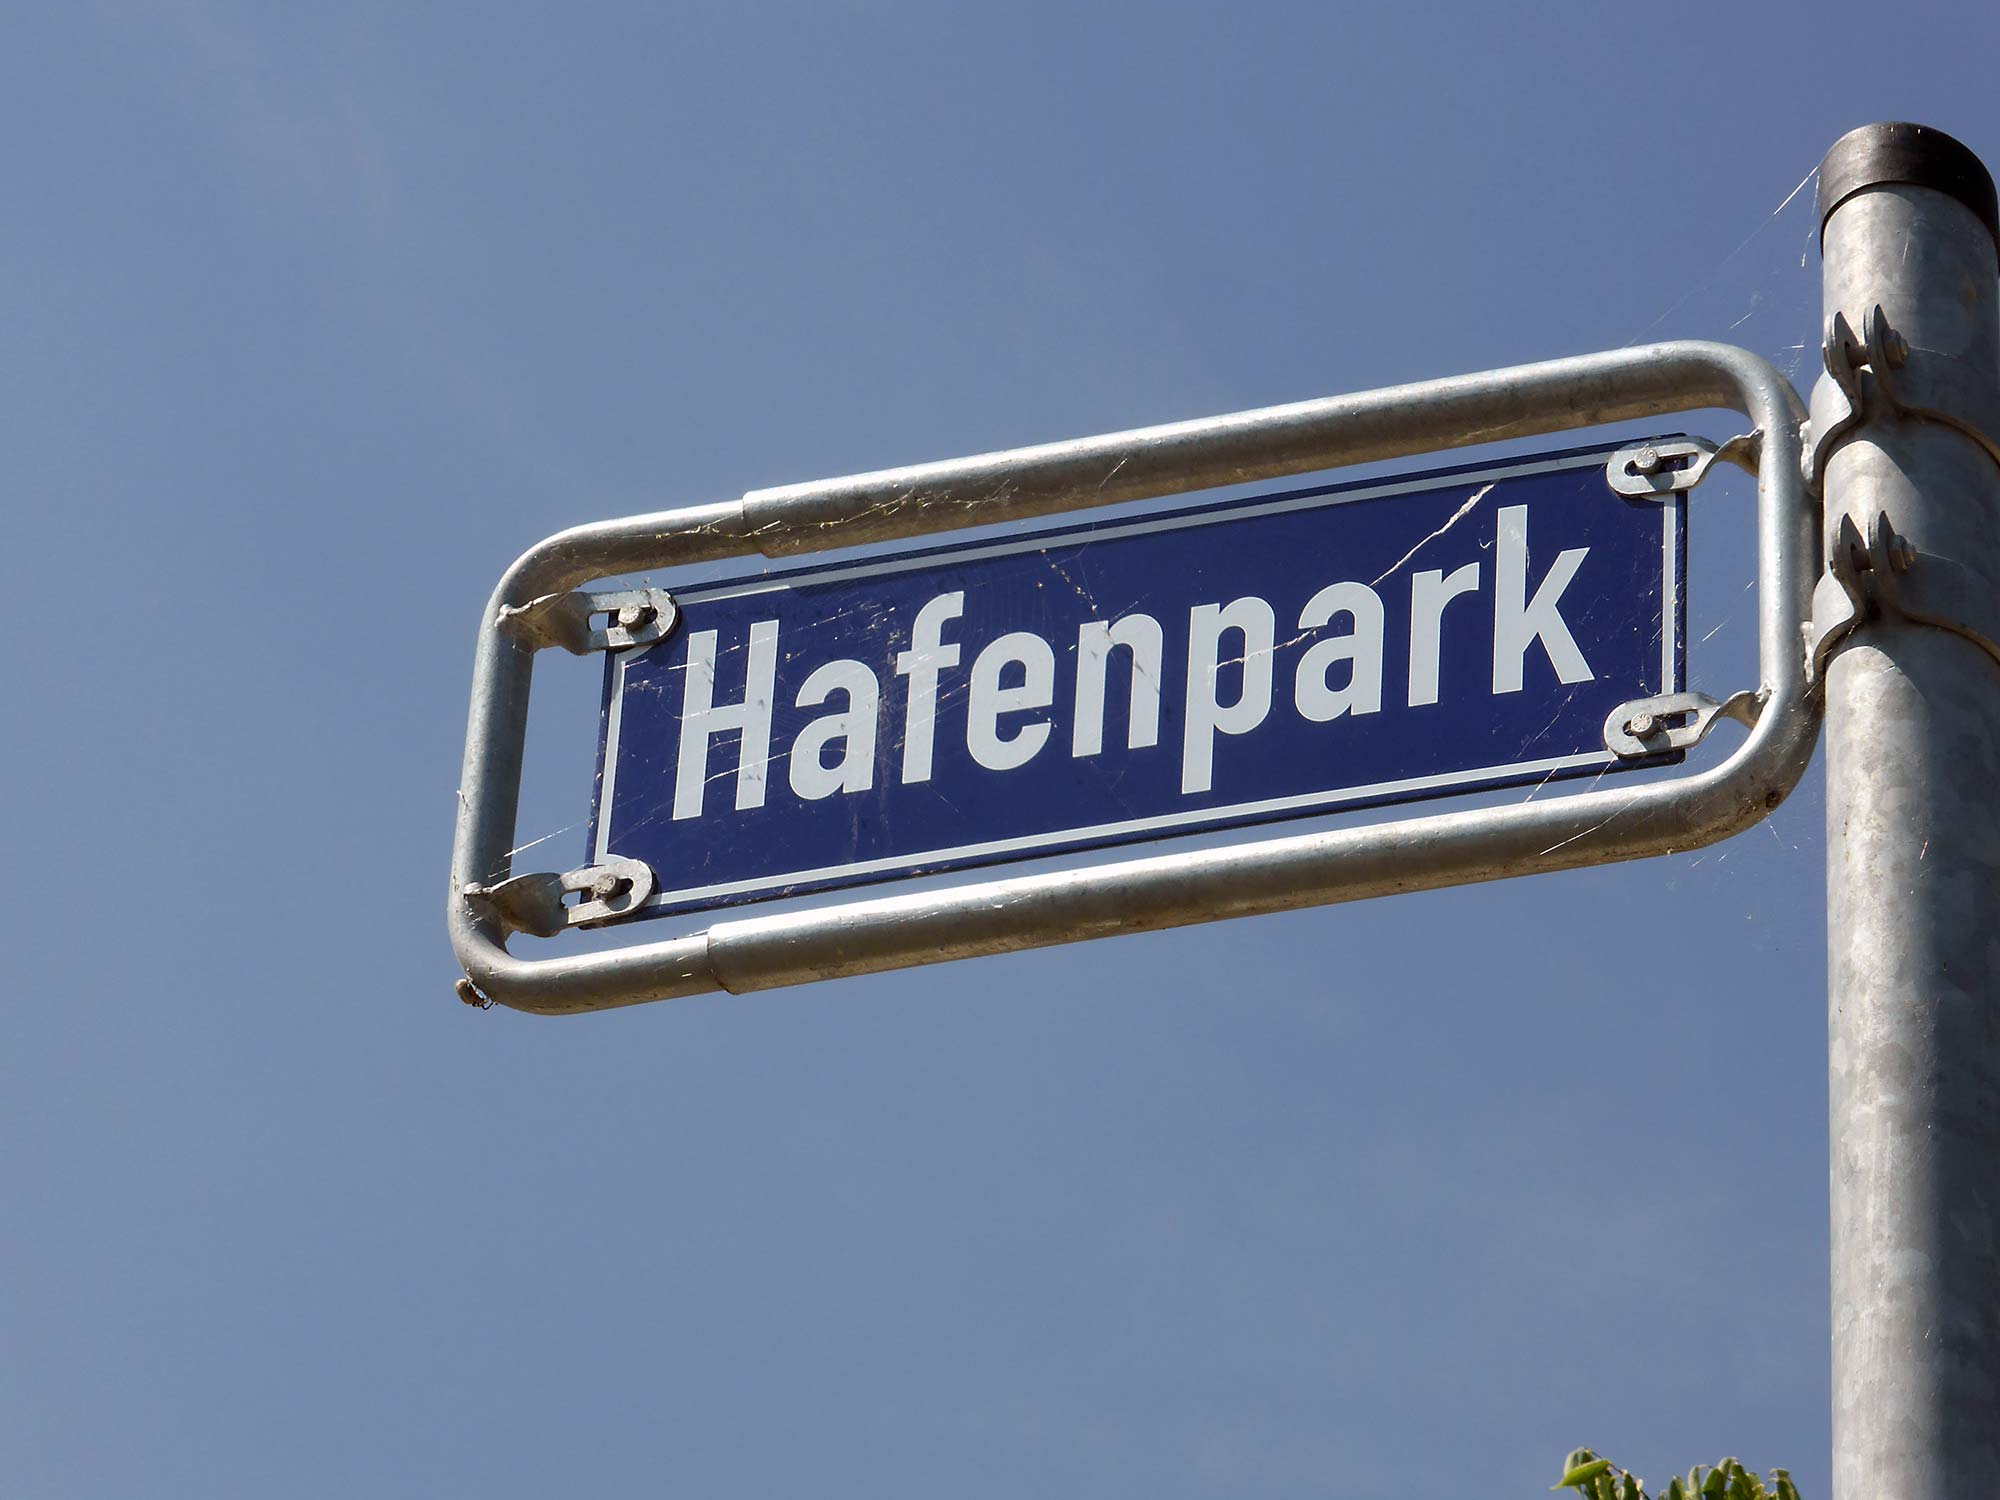 Frankfurt Hafen-Park am Main - Ostend Park - Hafenpark Schild